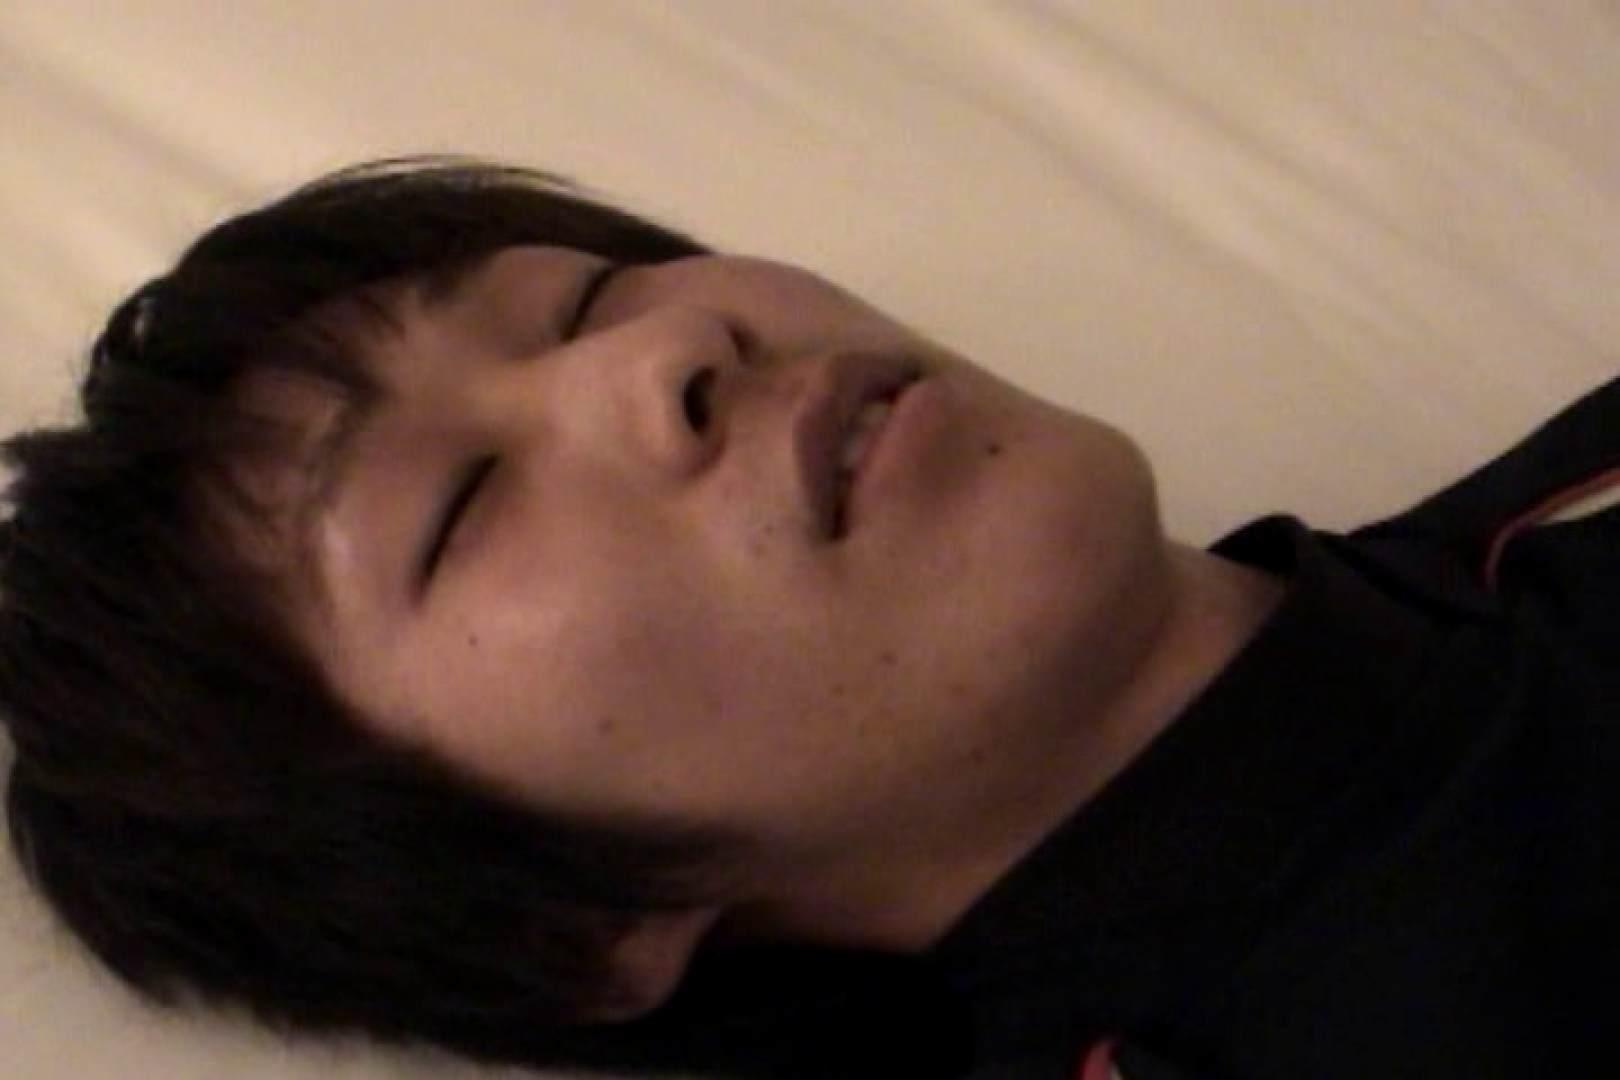 三ツ星シリーズ 魅惑のMemorial Night!! vol.01 ノンケまつり ゲイAV画像 78枚 6